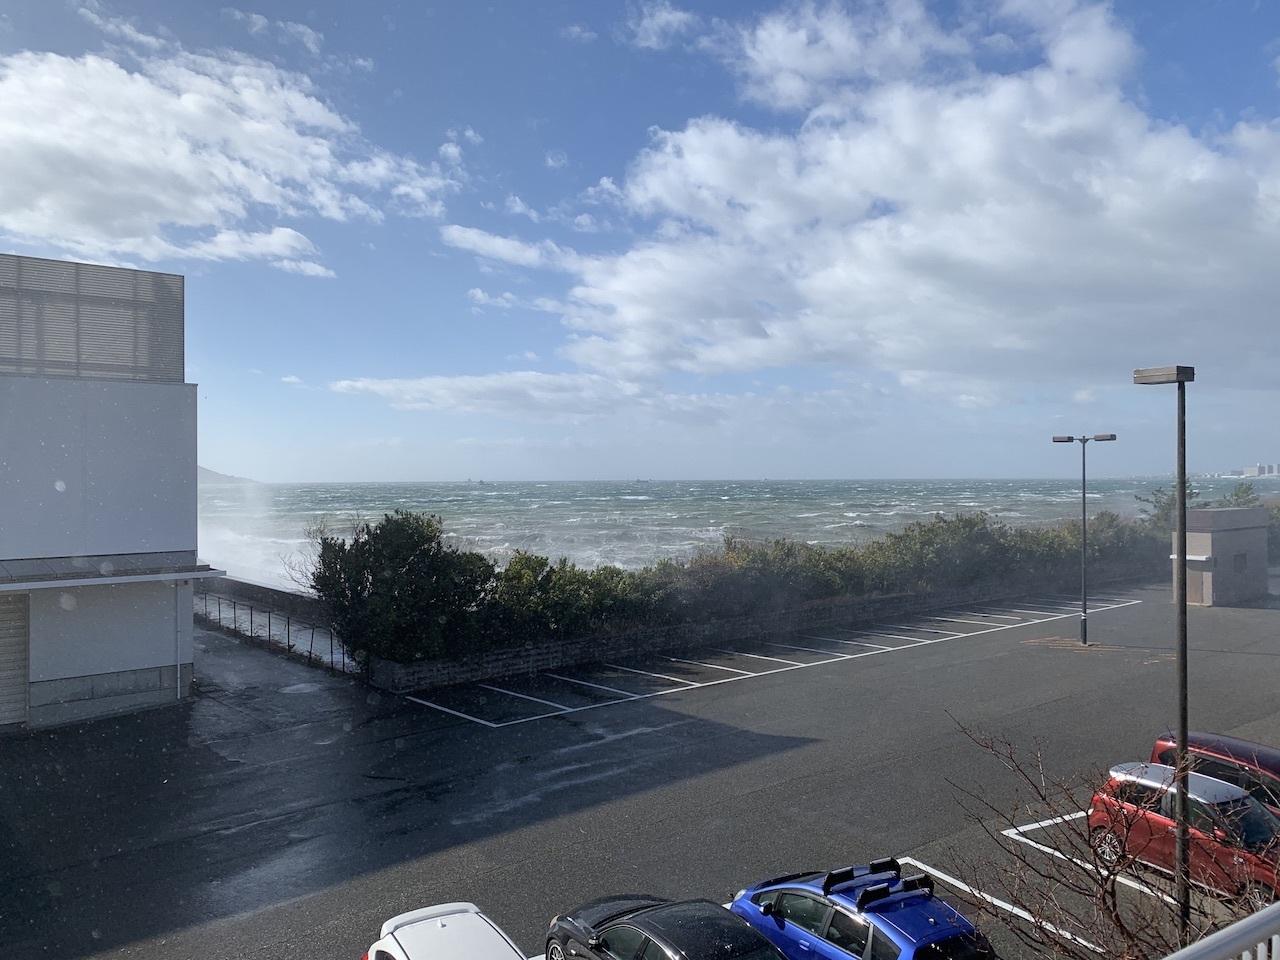 暴風警報下の舞子海岸(舞子 垂水 神戸)_b0279441_00552161.jpg